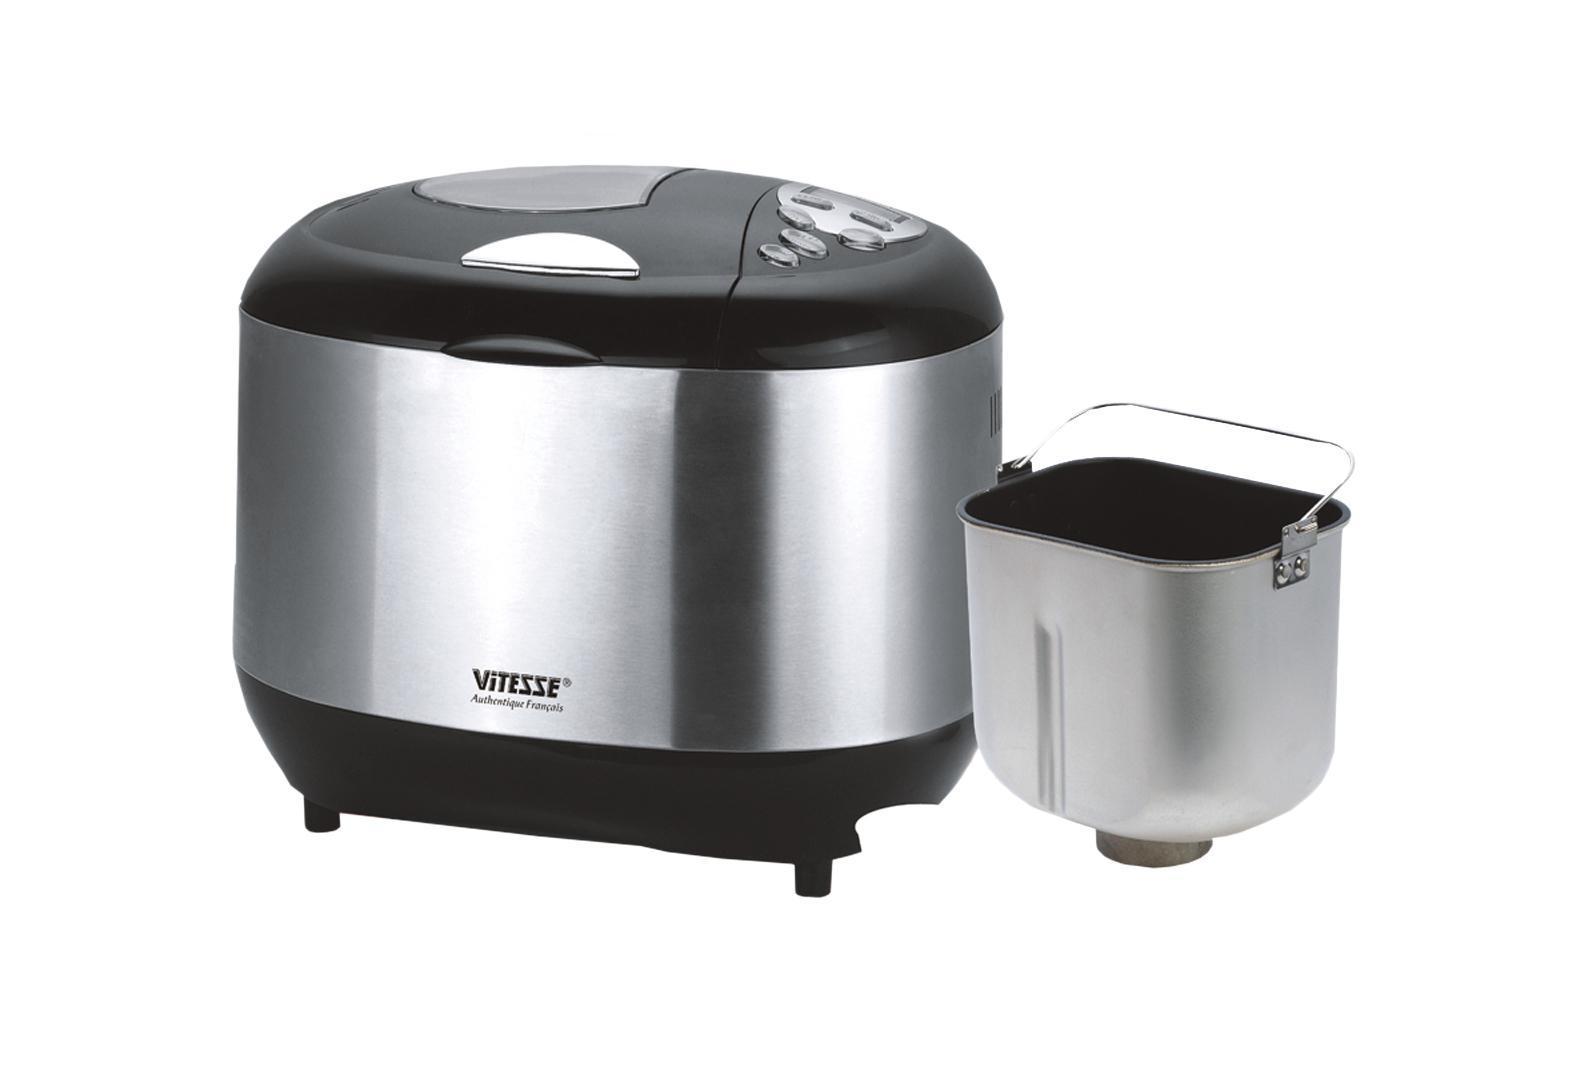 Vitesse VS-428 хлебопечкаVS-428Vitesse VS-428 - вес выпечки 675 г, вес выпечки регулируется, выпечка в форме буханки, выбор цвета корочки, 12 автоматических программ, быстрая выпечка, варка джема...